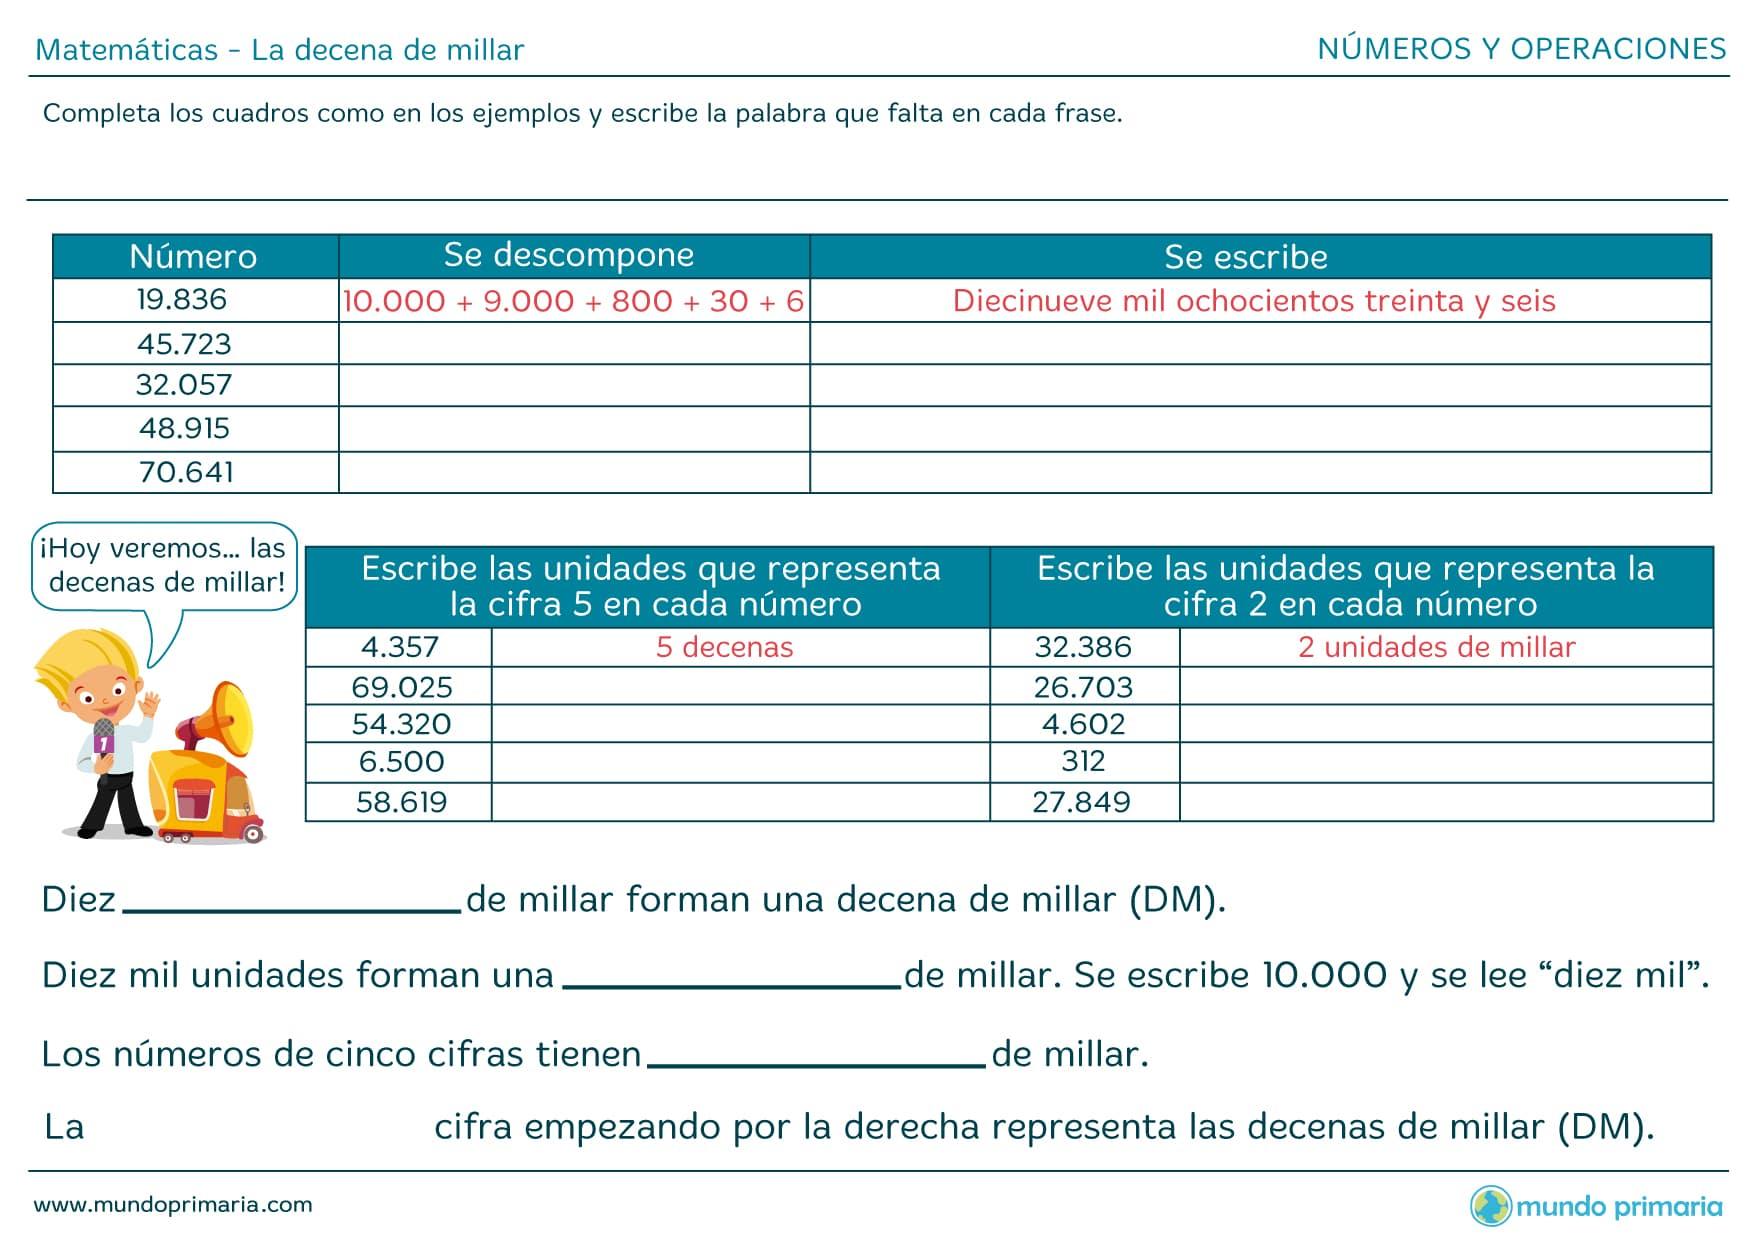 Fichadescomponer5